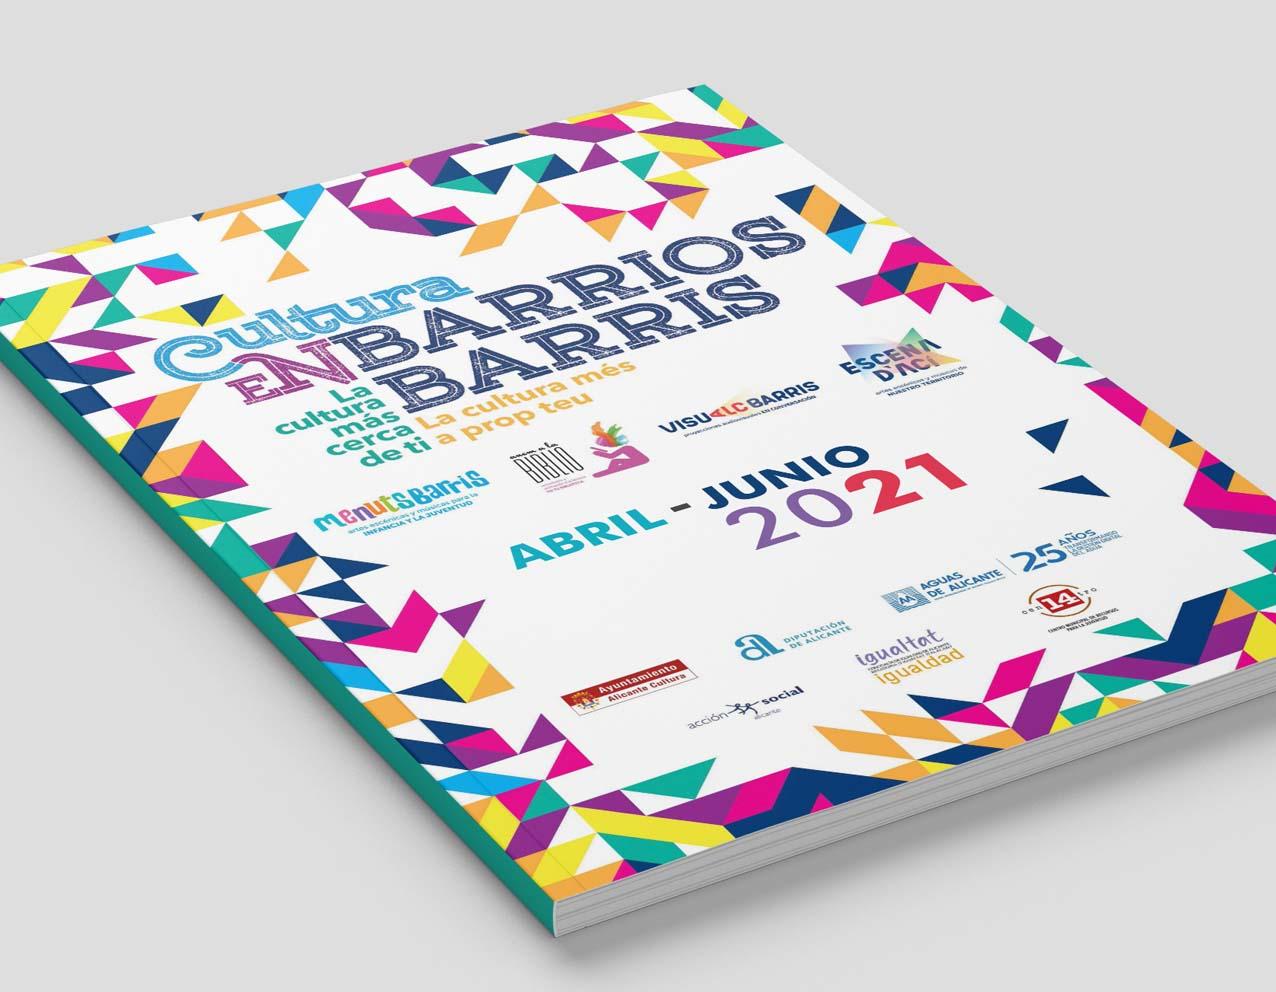 diseño grafico cartelería y campaña cultura en barrios alicante 2021 concejalía de cultura